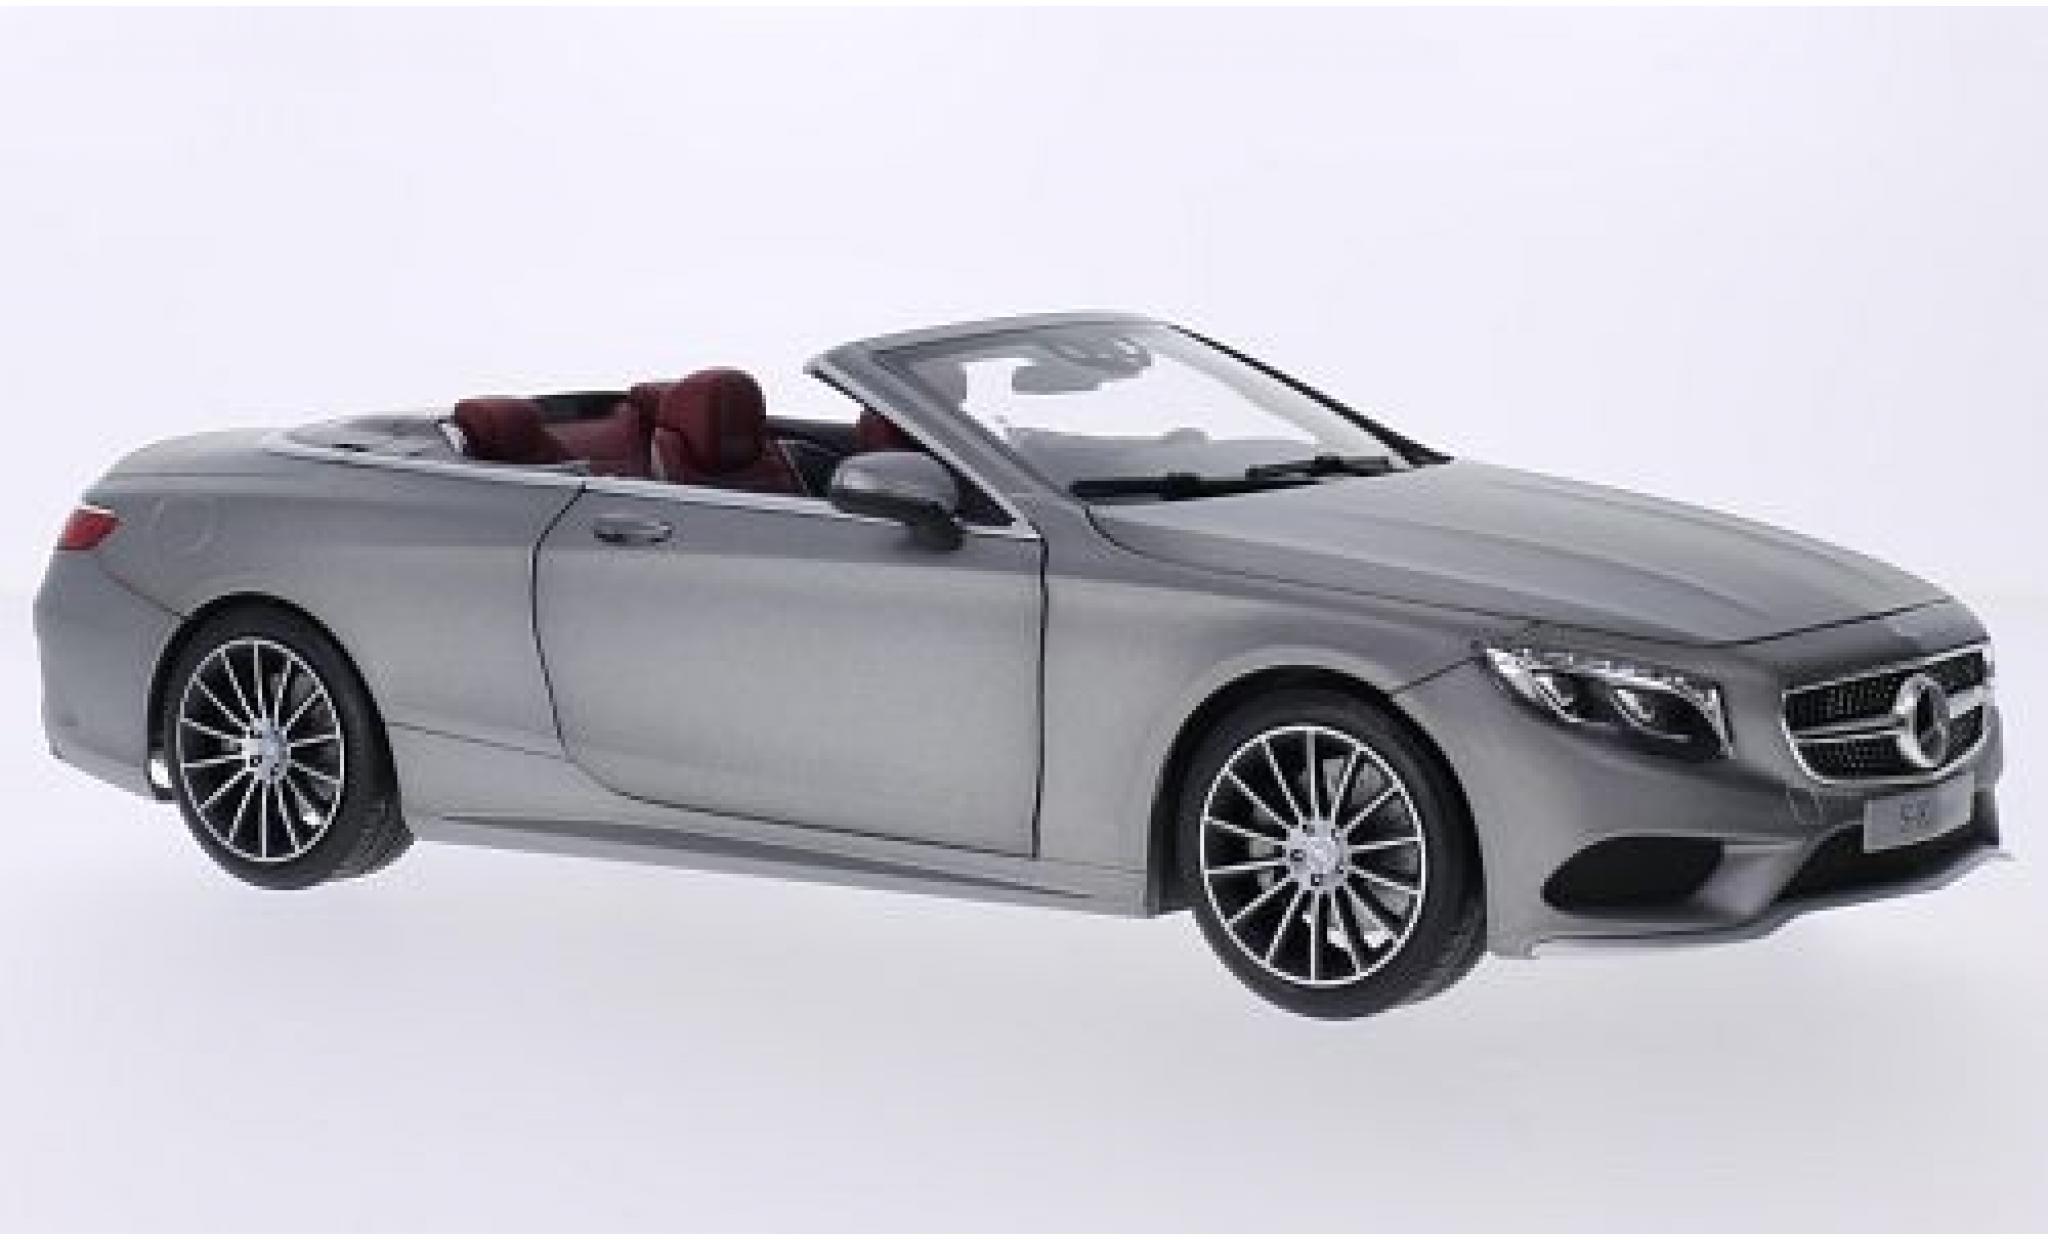 Mercedes Classe S 1/18 I Norev Cabriolet (A127) grise Softtop couché avec